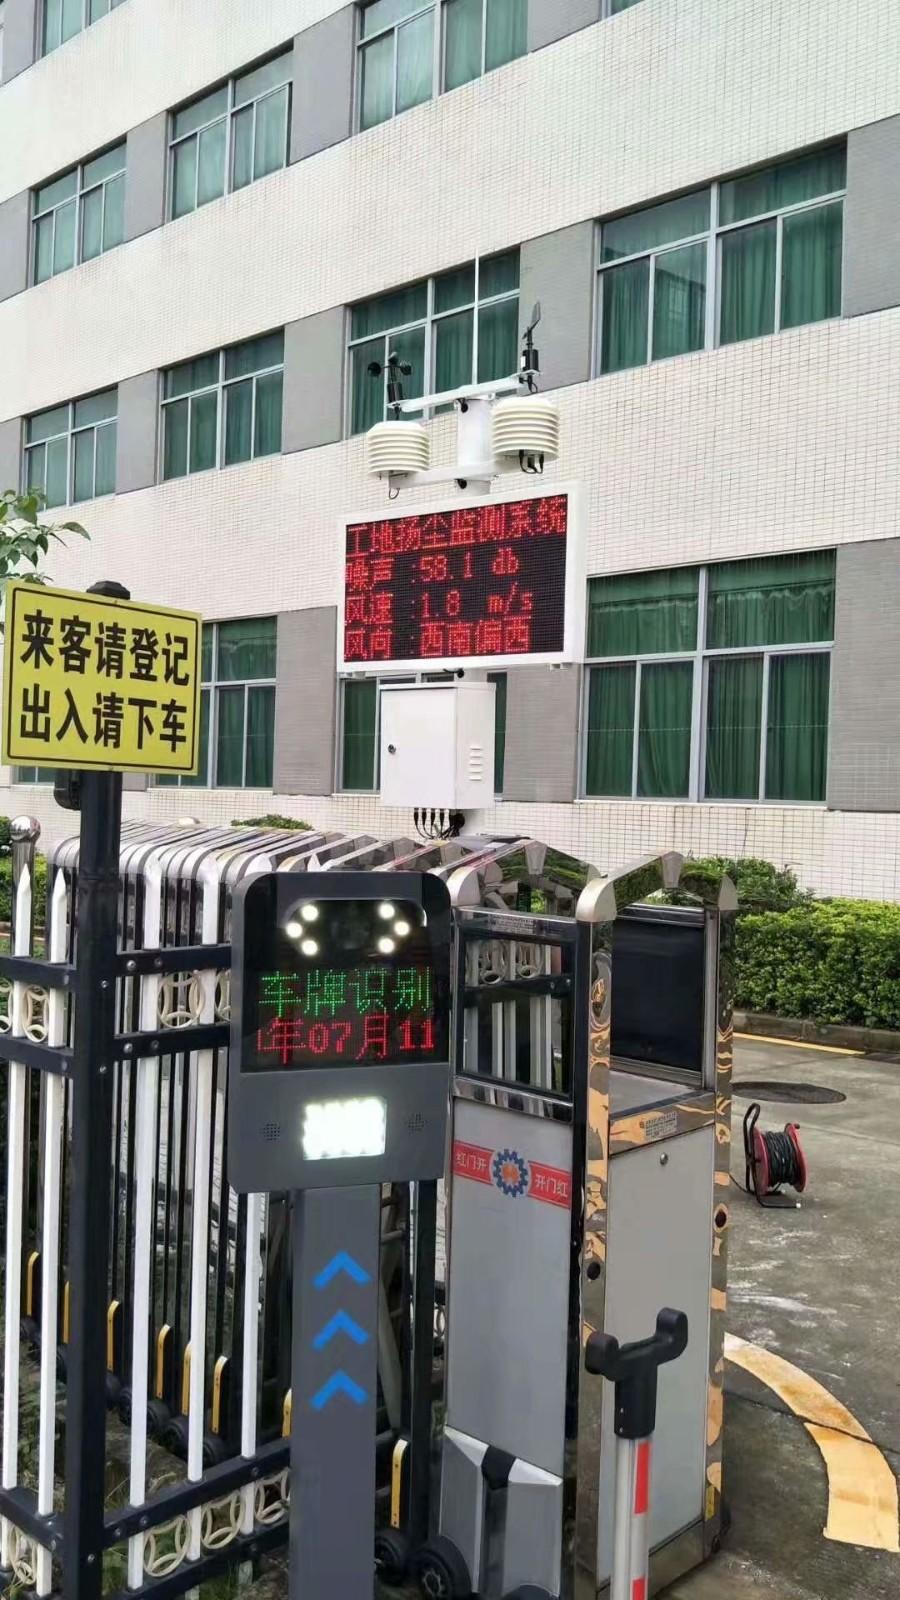 安徽宣城工地扬尘监测系统防治推进措施